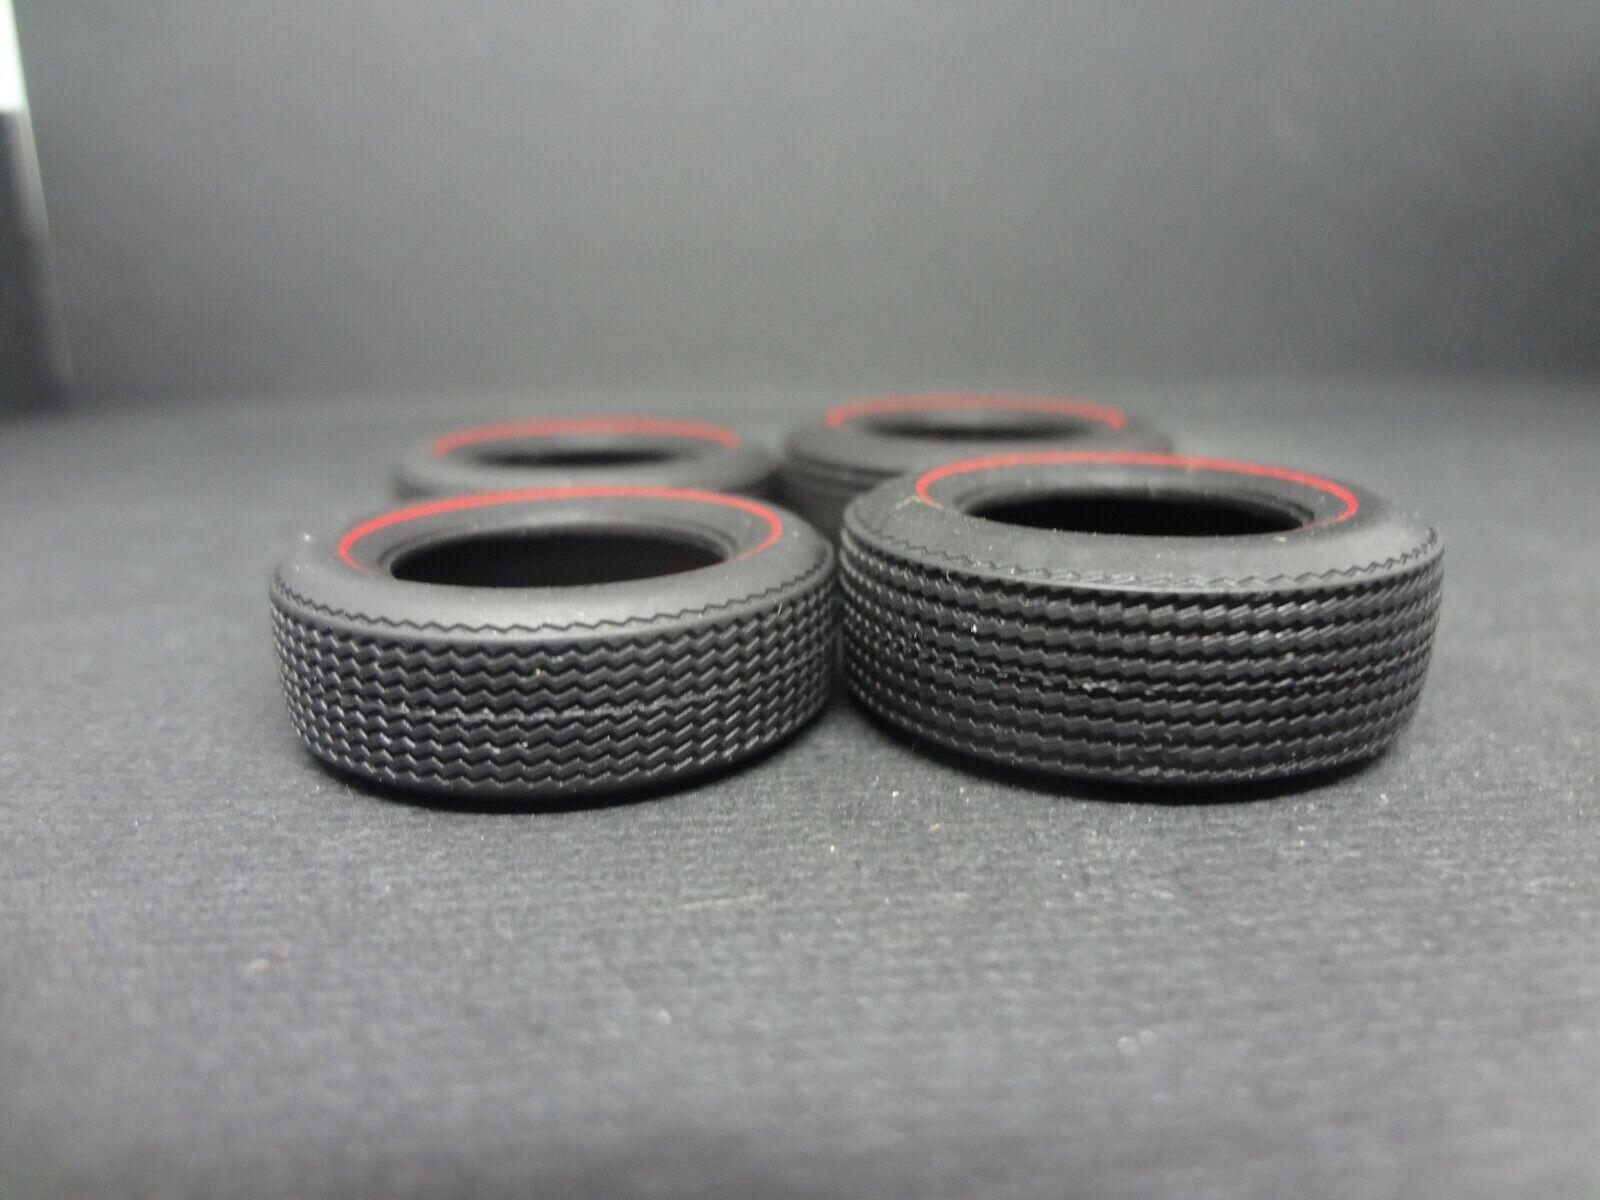 Car Parts - 1:25 scale model car parts 4x muscle car red line tires read description 4 sizes